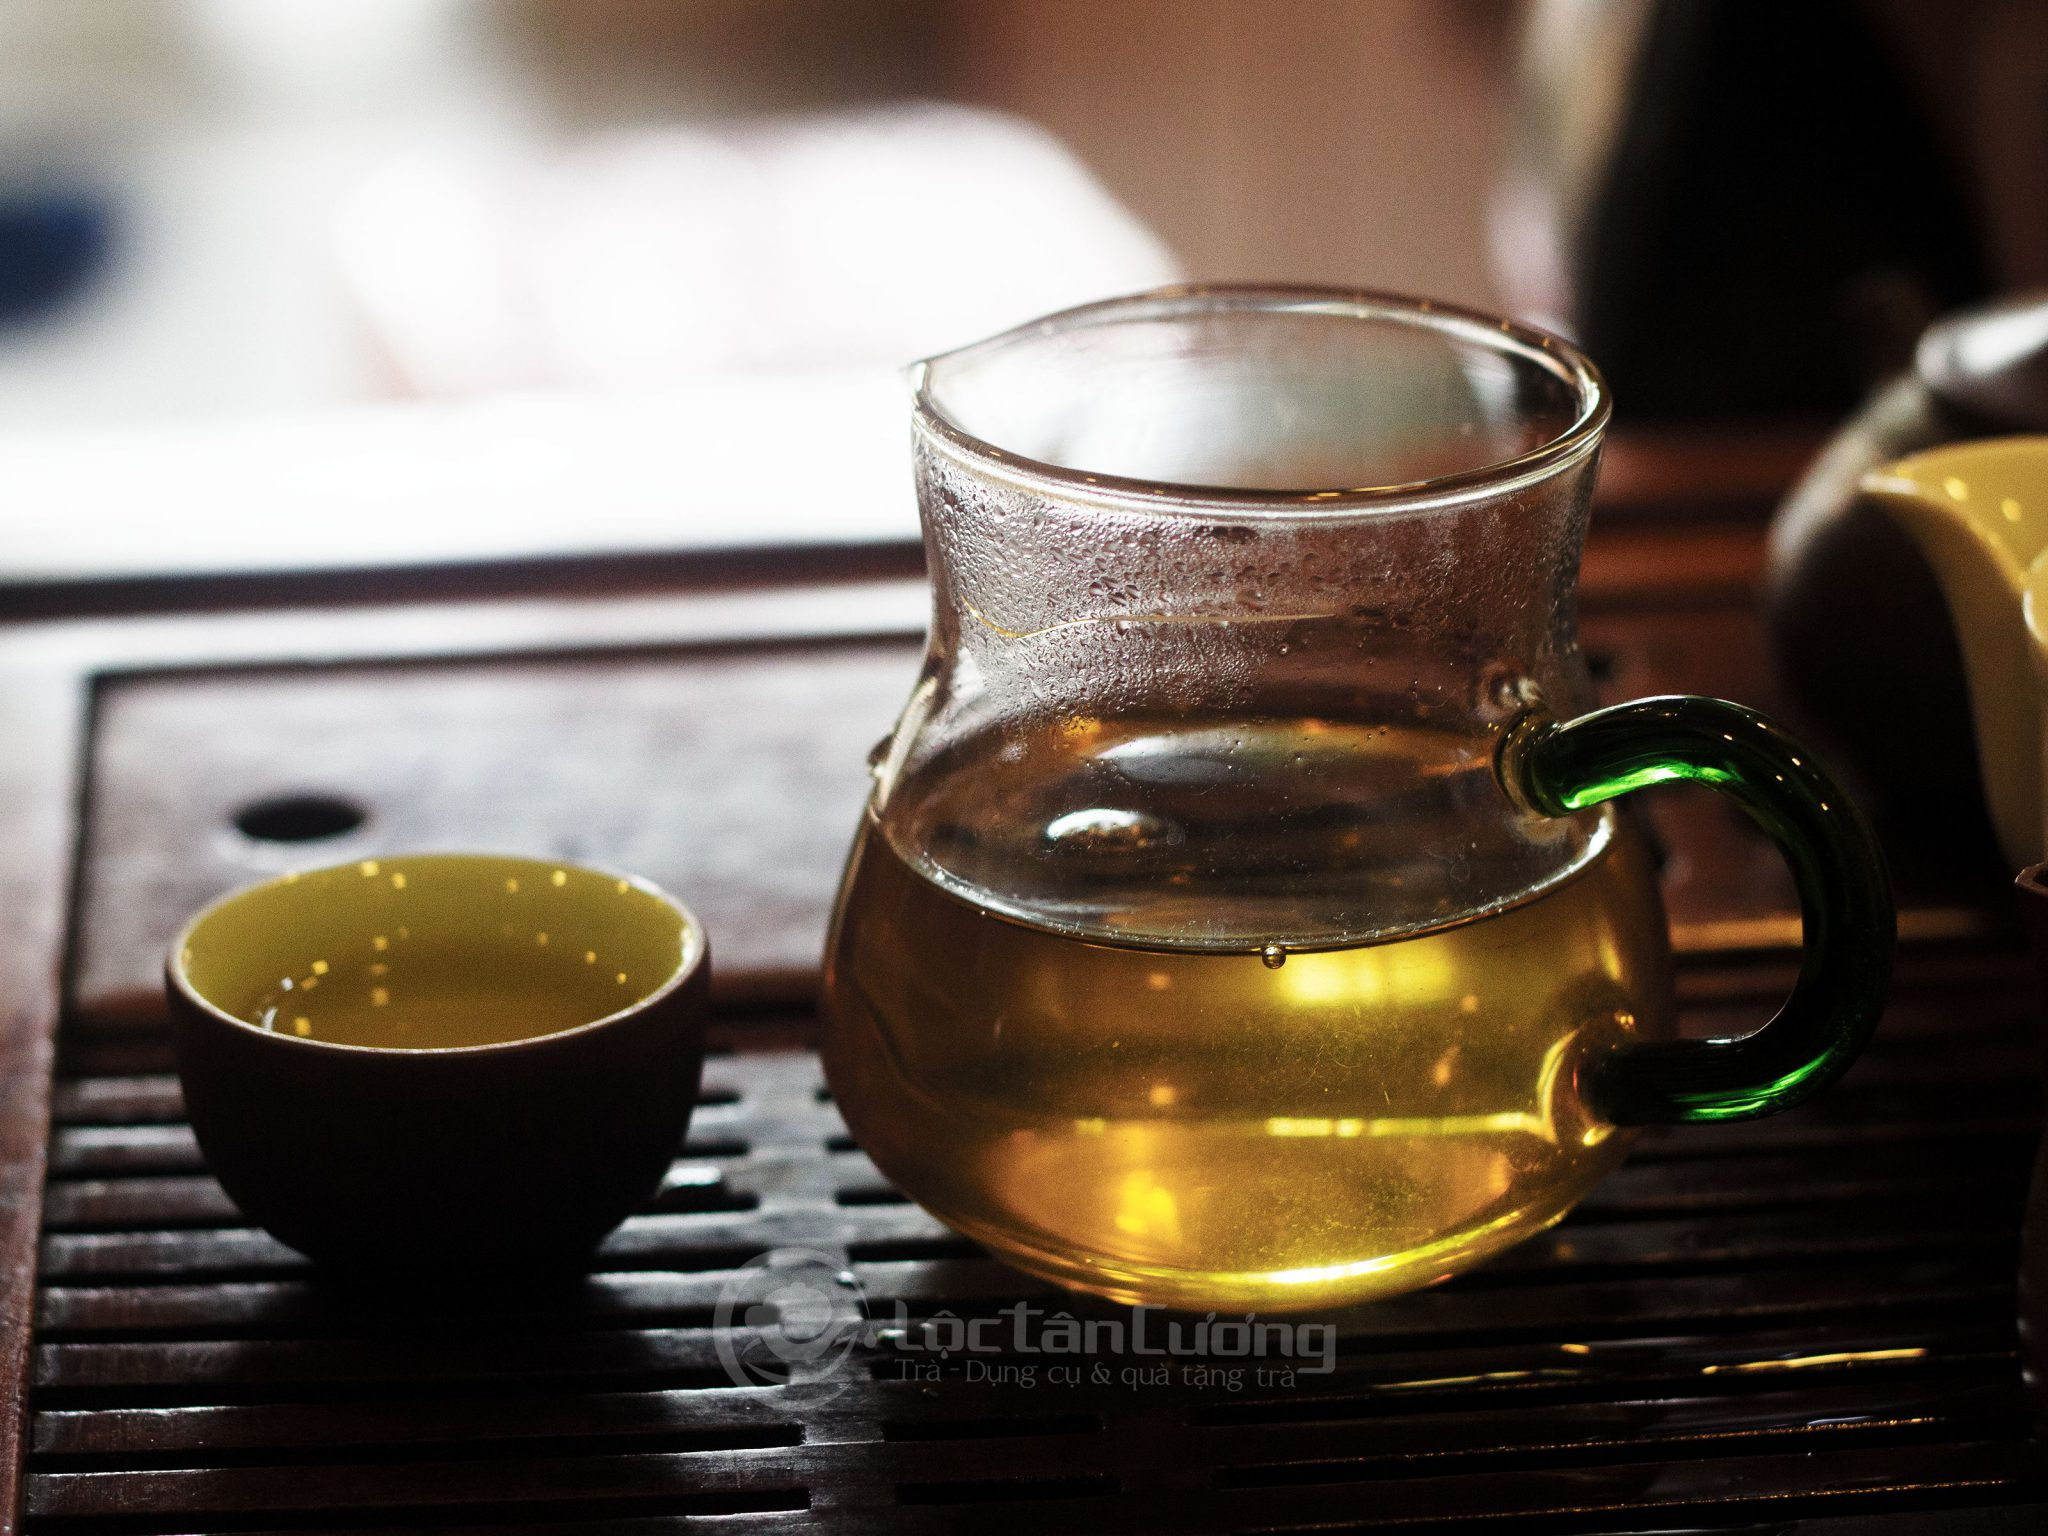 Uống trà shan tuyết cộng với luyện tập thể dục và chế độ ăn hợp lý sẽ giúp bạn giảm cân hiệu quả